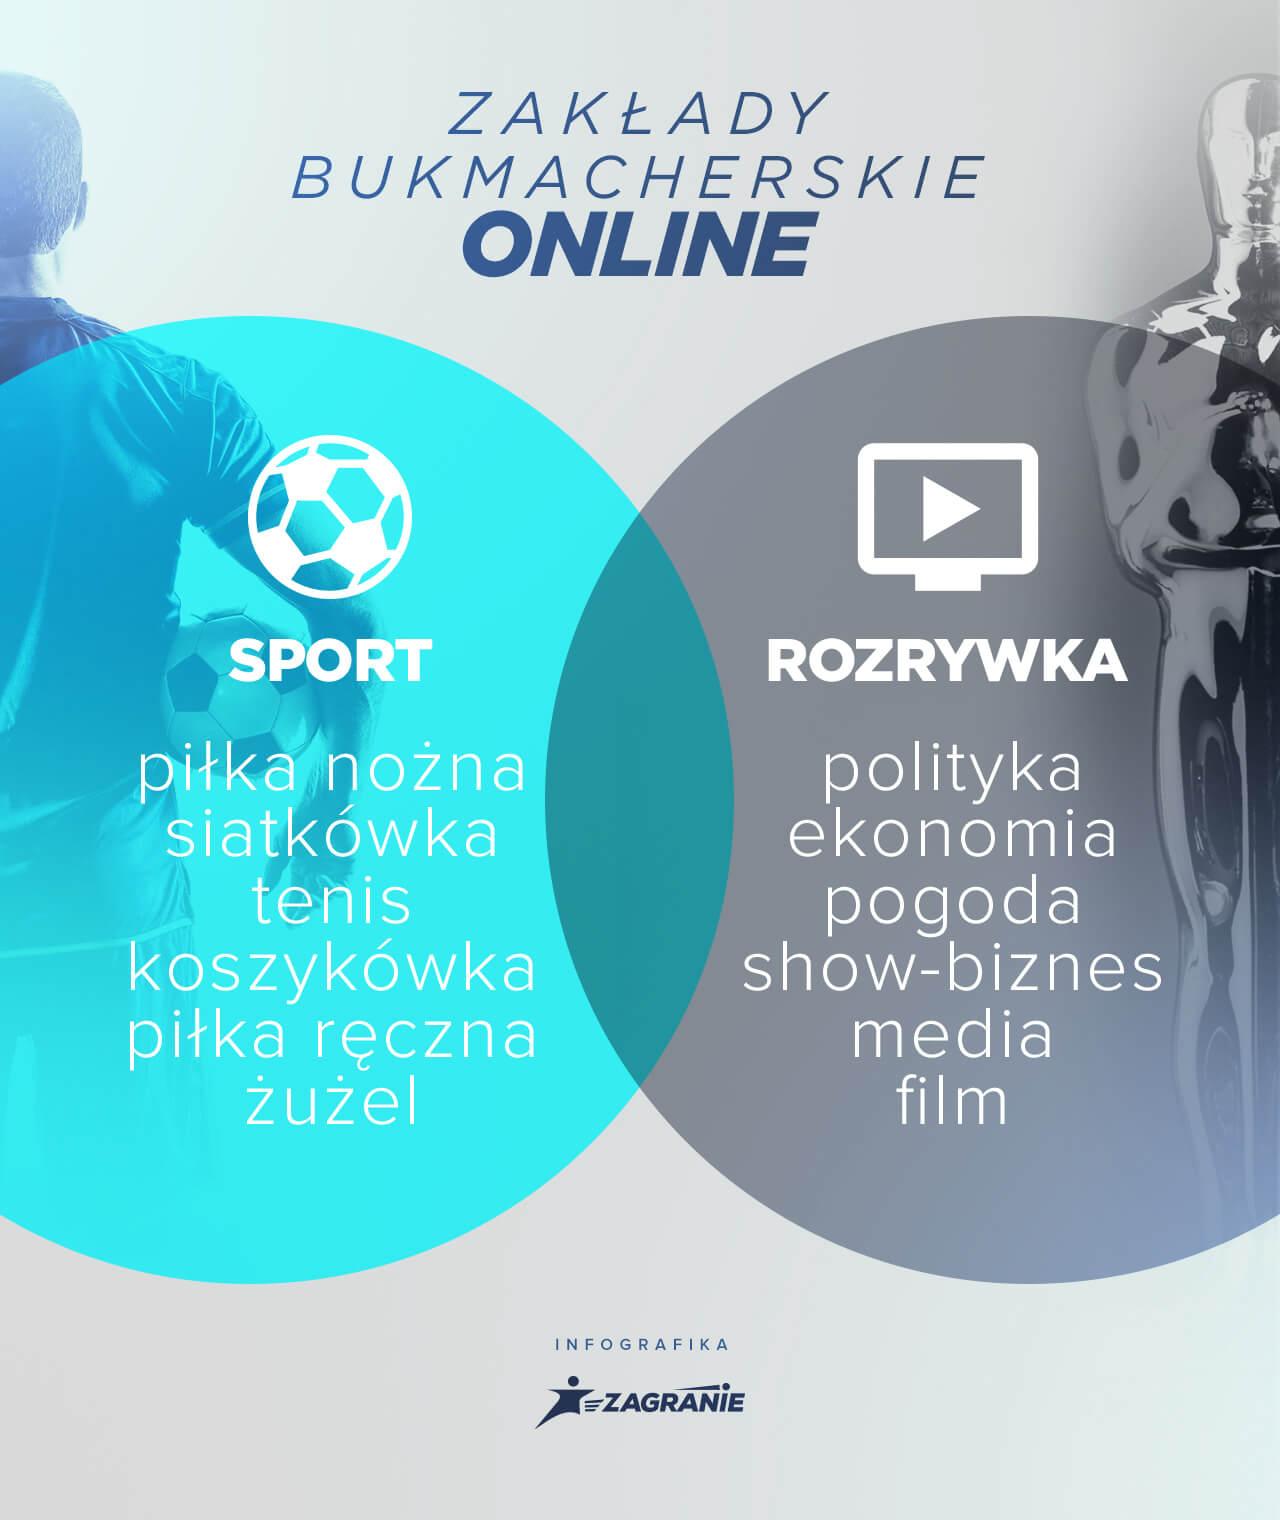 Zakłady bukmacherskie online - składowe